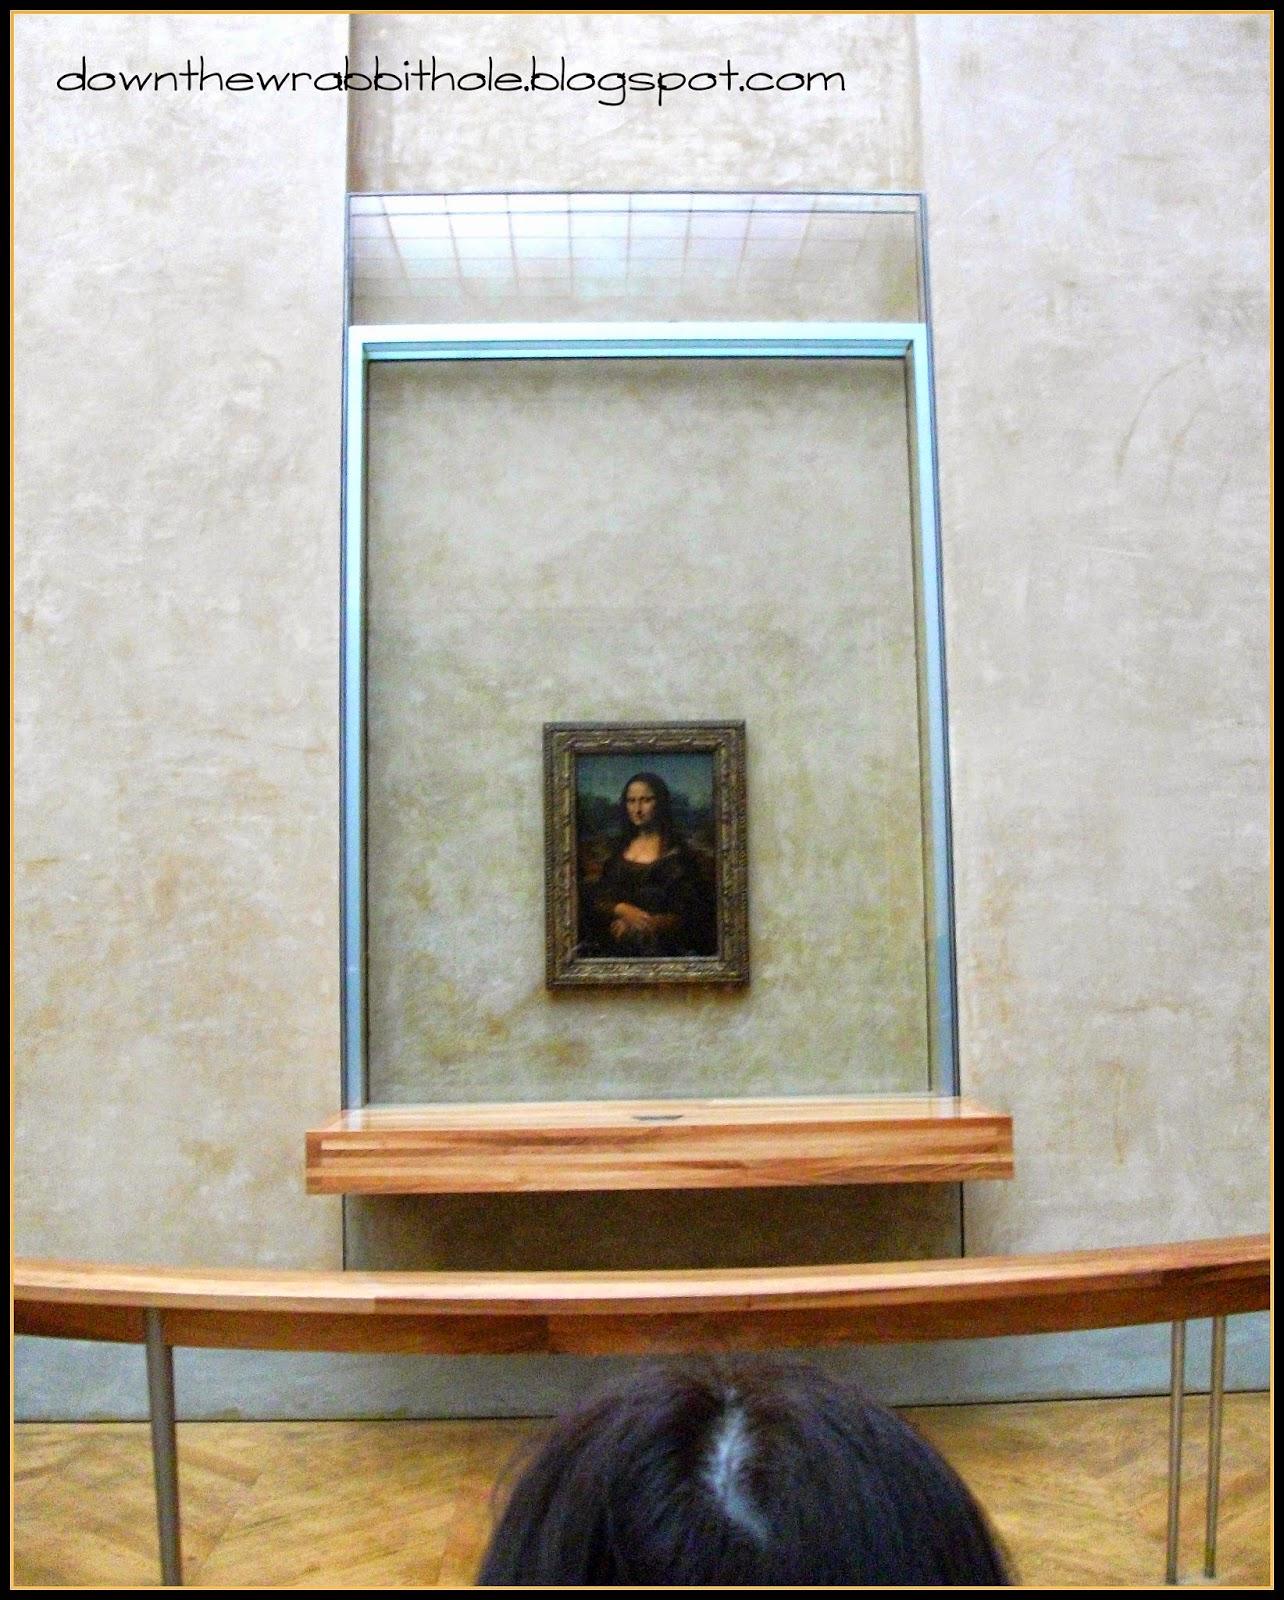 Louvre Museum Paris, Paris France, Da Vinci Mona Lisa, Mona Lisa size